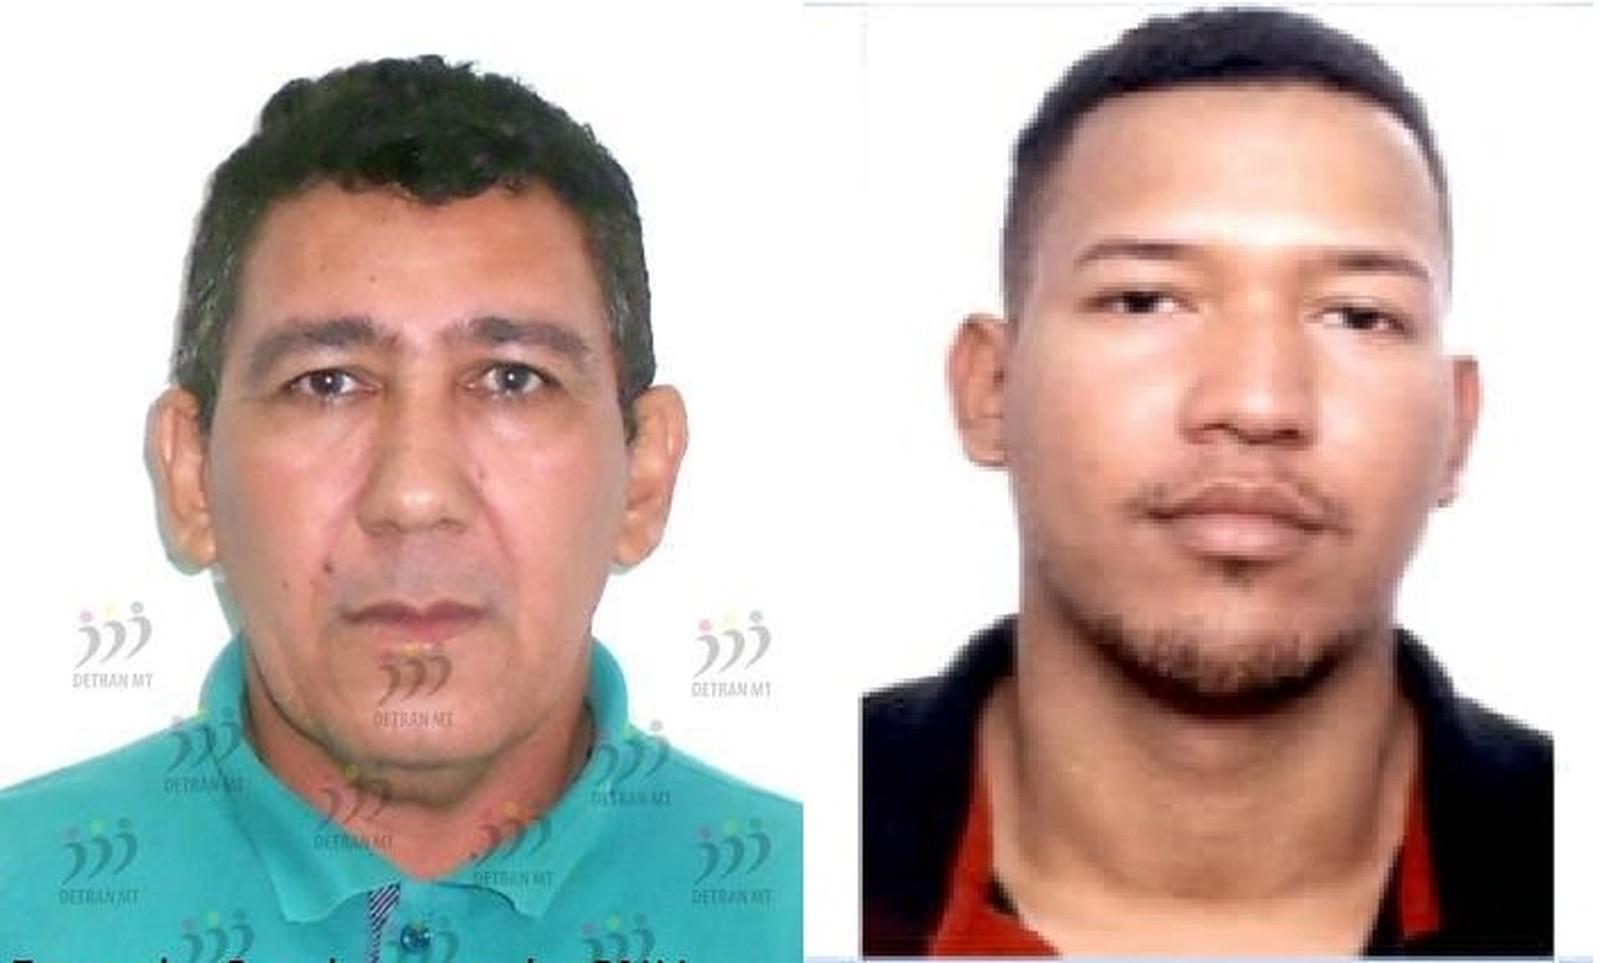 Fotos dos suspeitos que são procurados pela polícia. (Foto: divulgação PJC/MT)